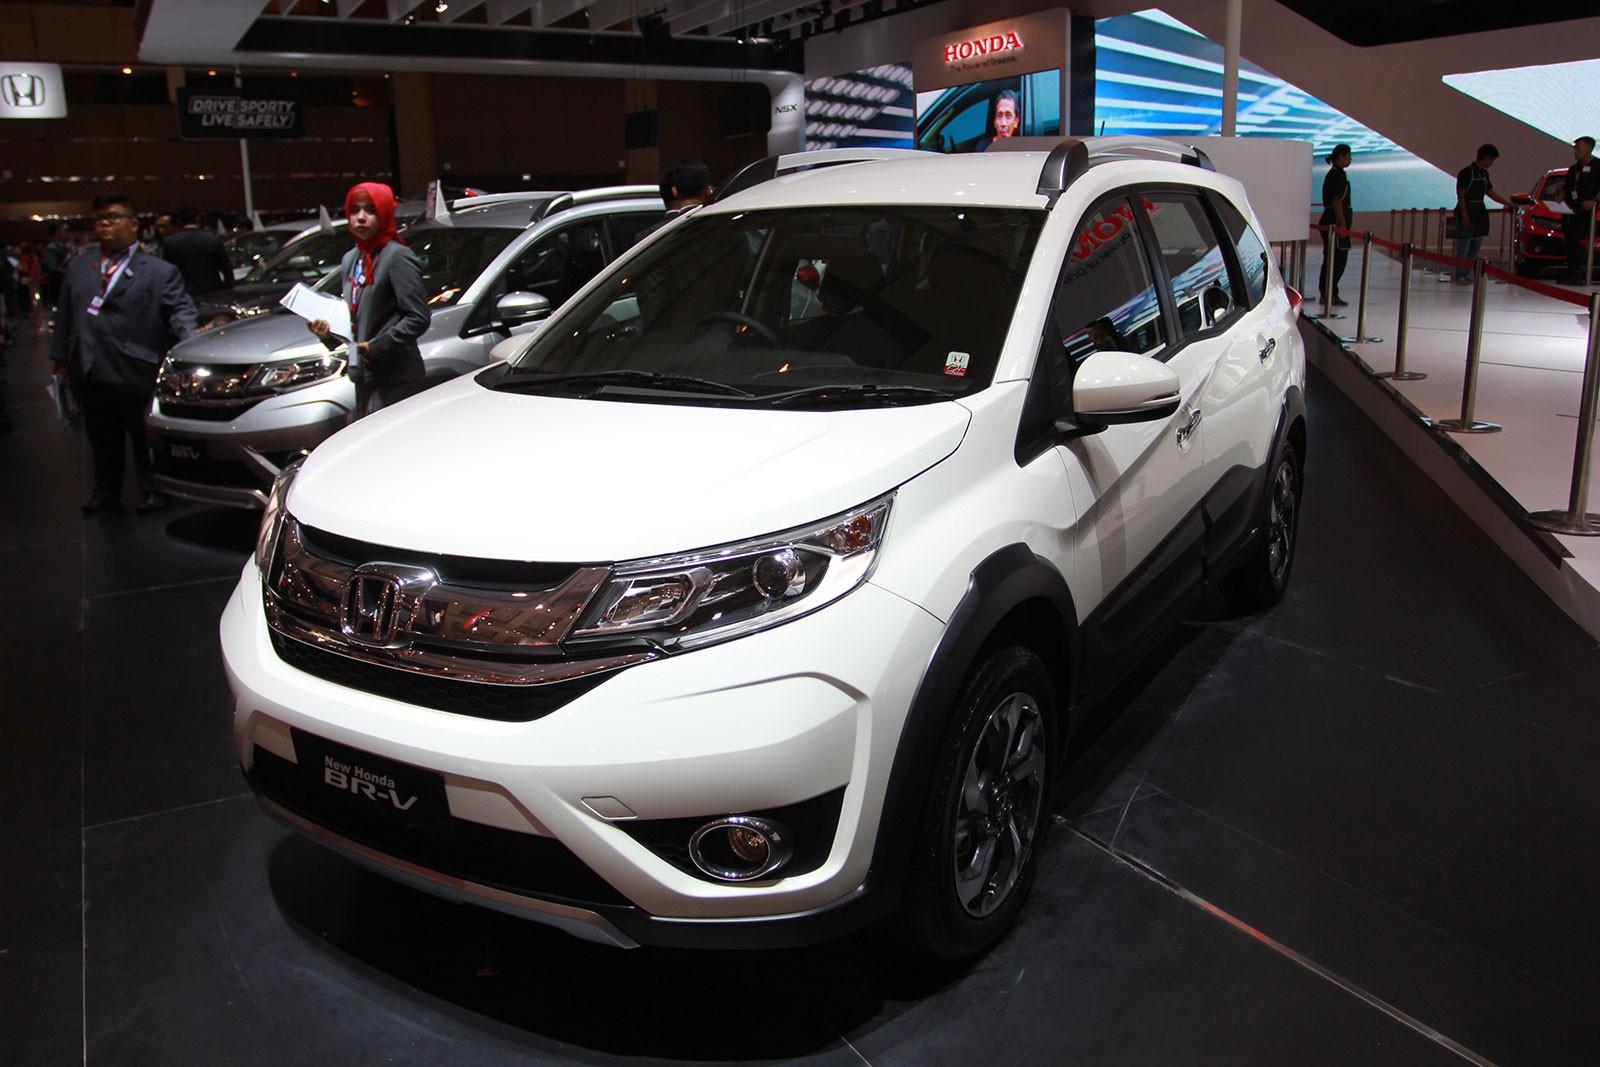 Tuy nhiên, phân khúc MPV giá rẻ trong năm nay hứa hẹn sẽ đầy sôi động bởi sự xuất hiện của Honda BR-V, thời điểm ra mắt chưa được hãng công bố